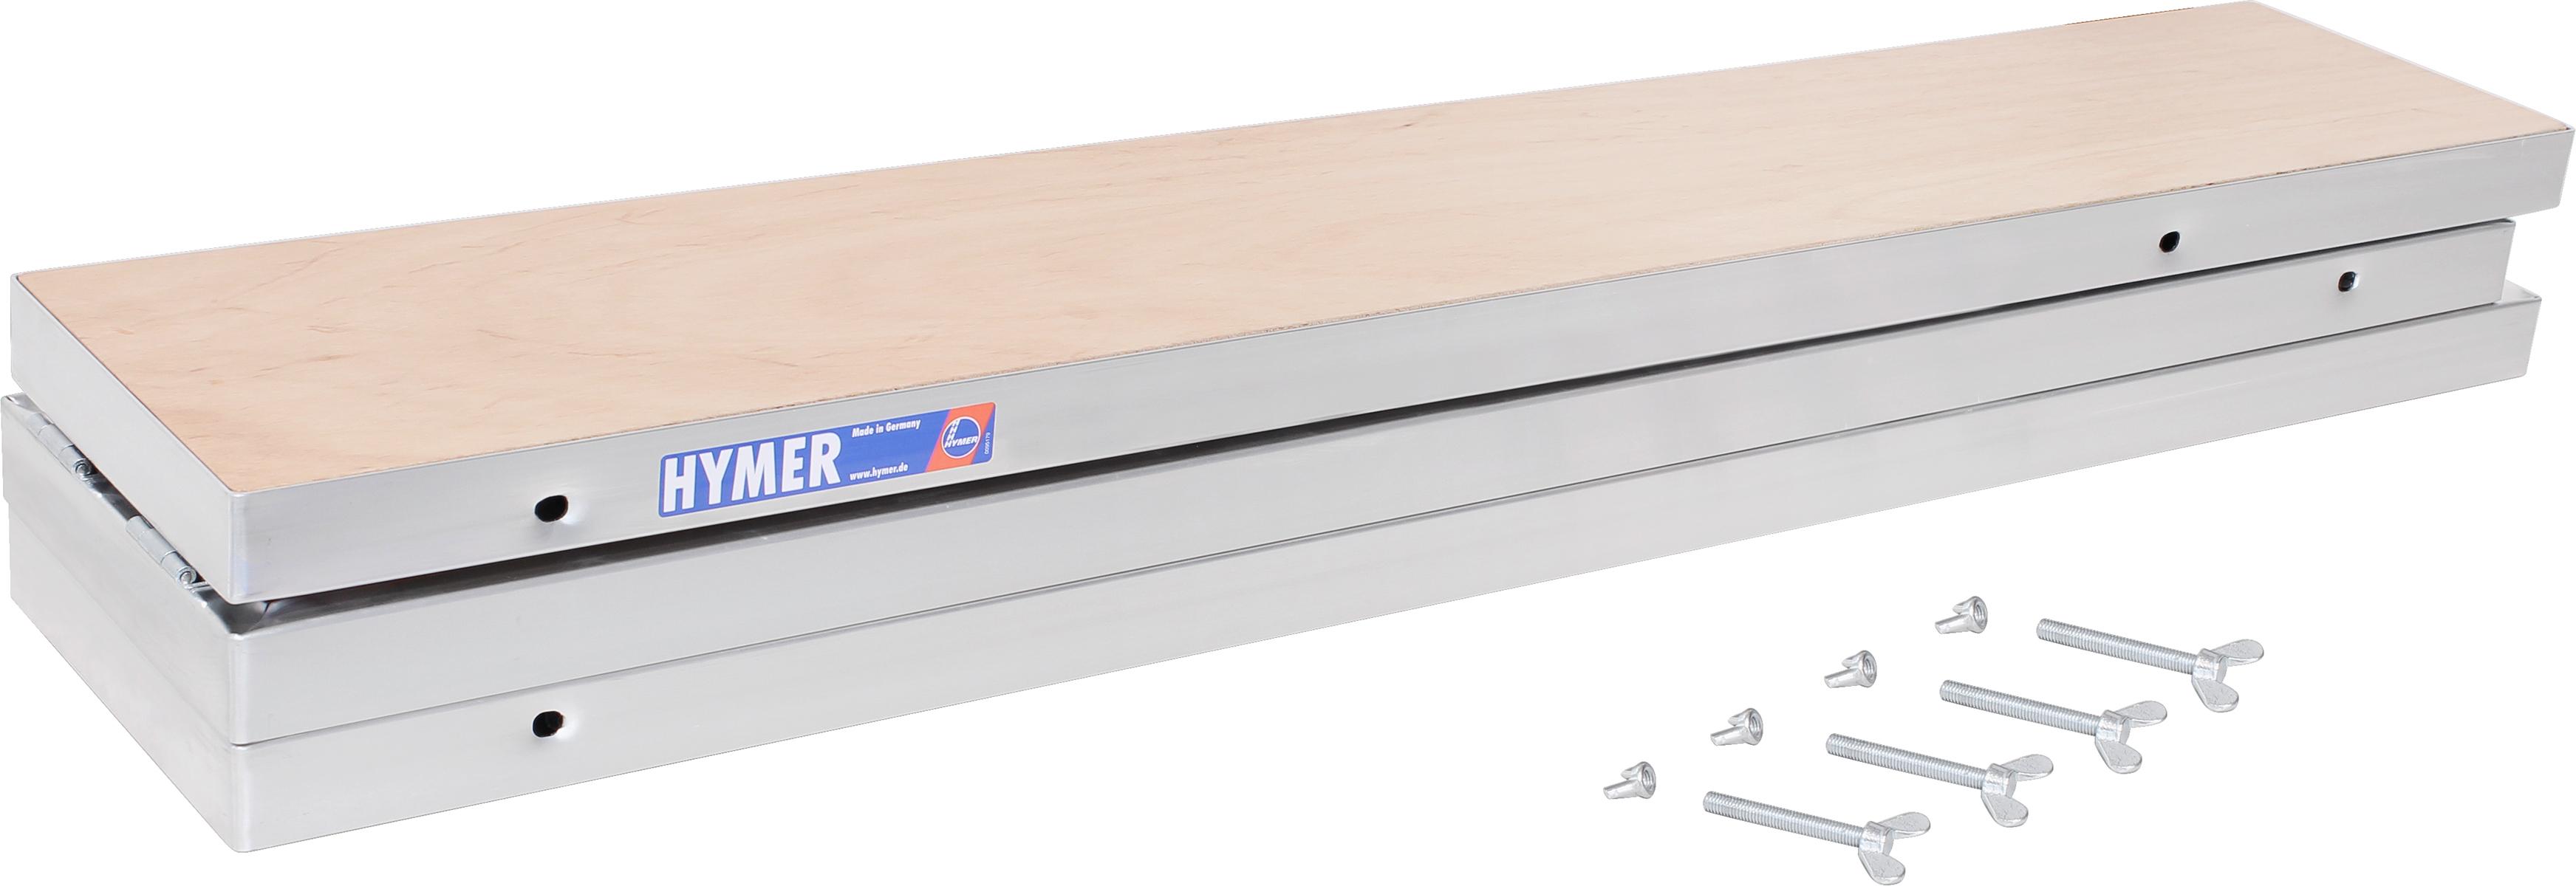 Hymer Tapeziertischverbreiterung 3,05 x 0,20 m